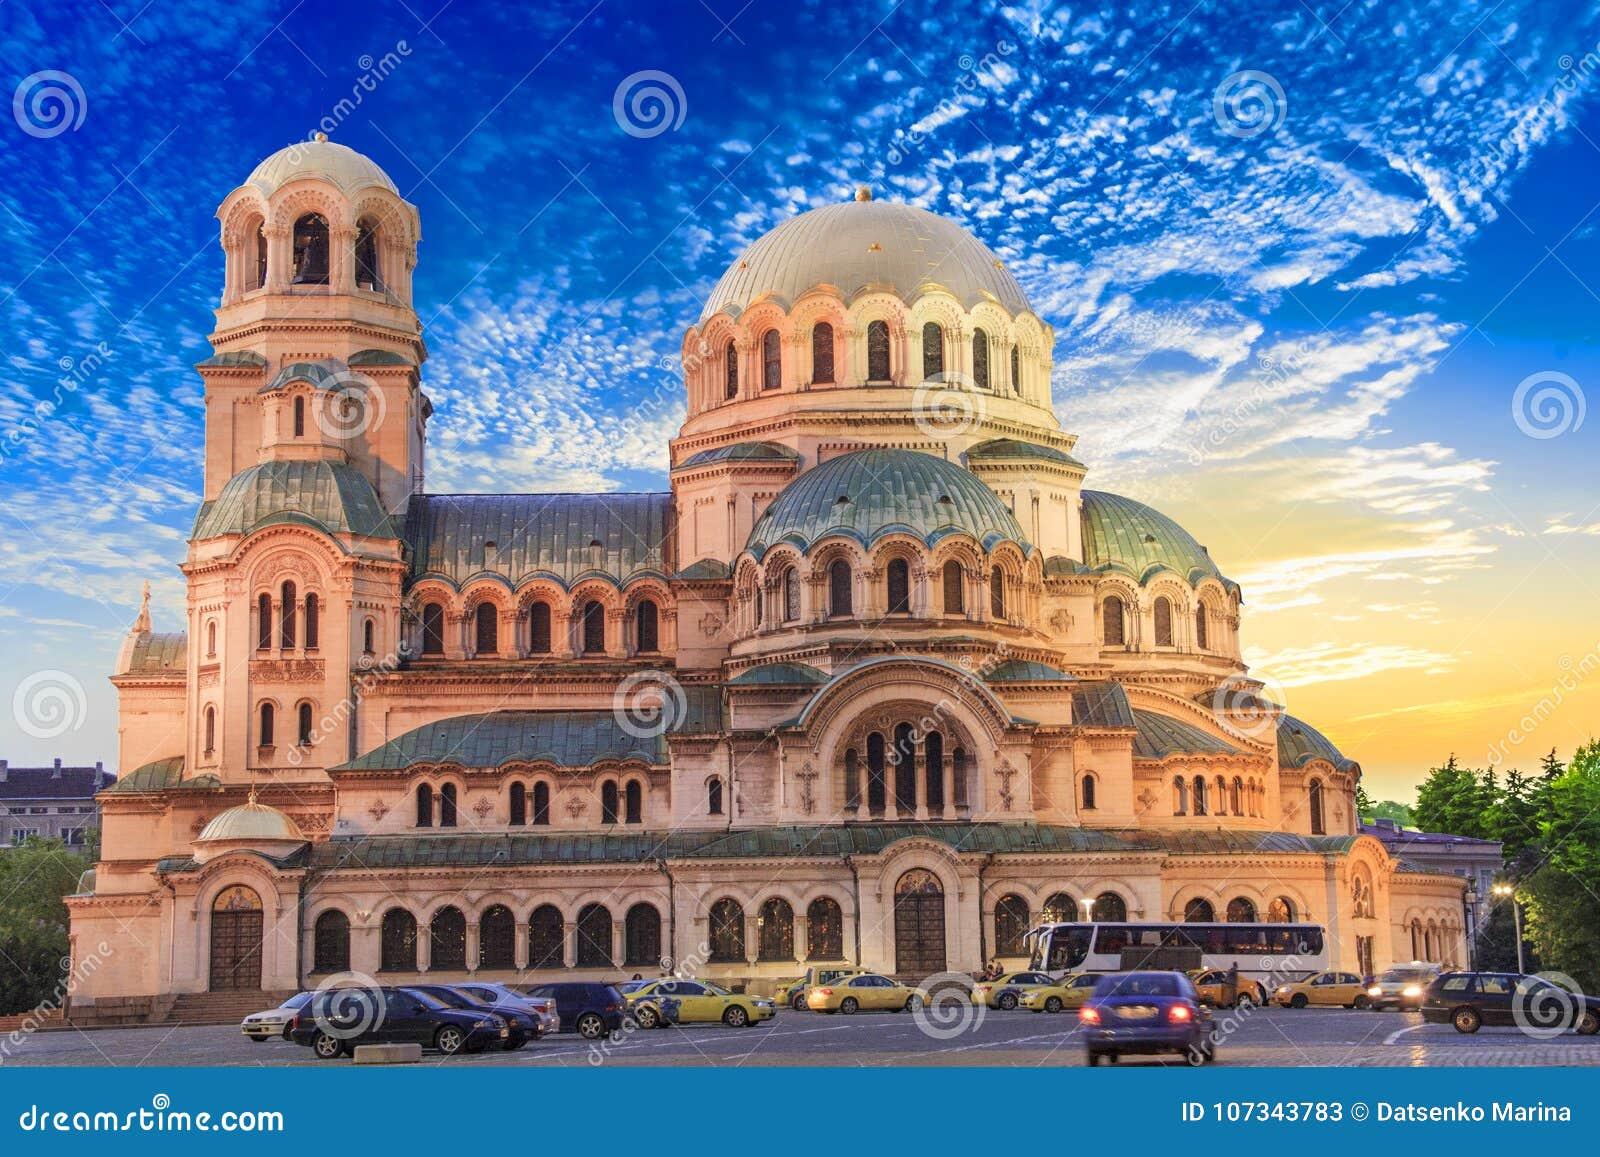 Een mooie mening van Alexander Nevsky Cathedral in Sofia, Bulgarije